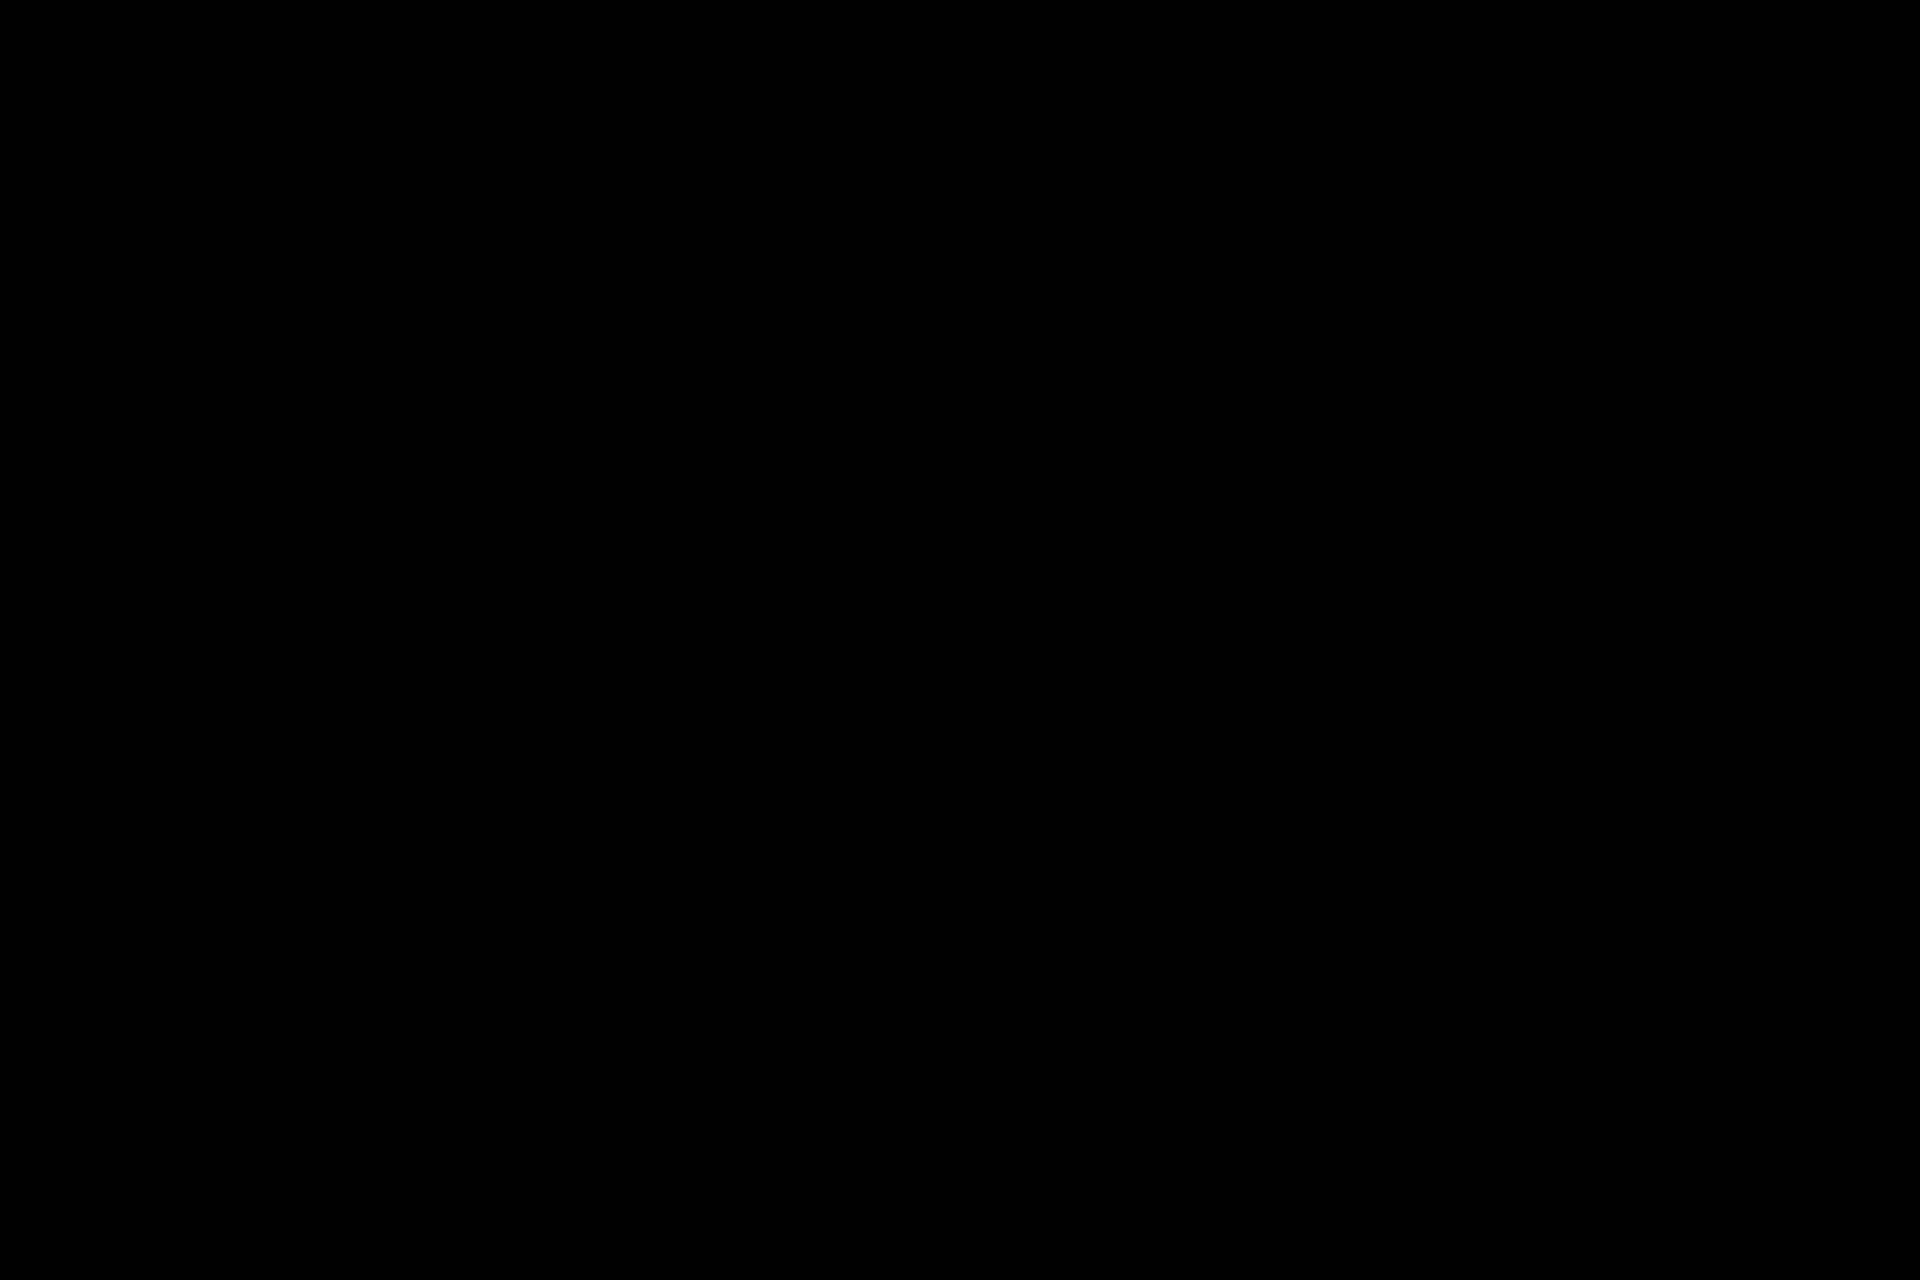 black-and-white-connect-hand-164531pexelshrx